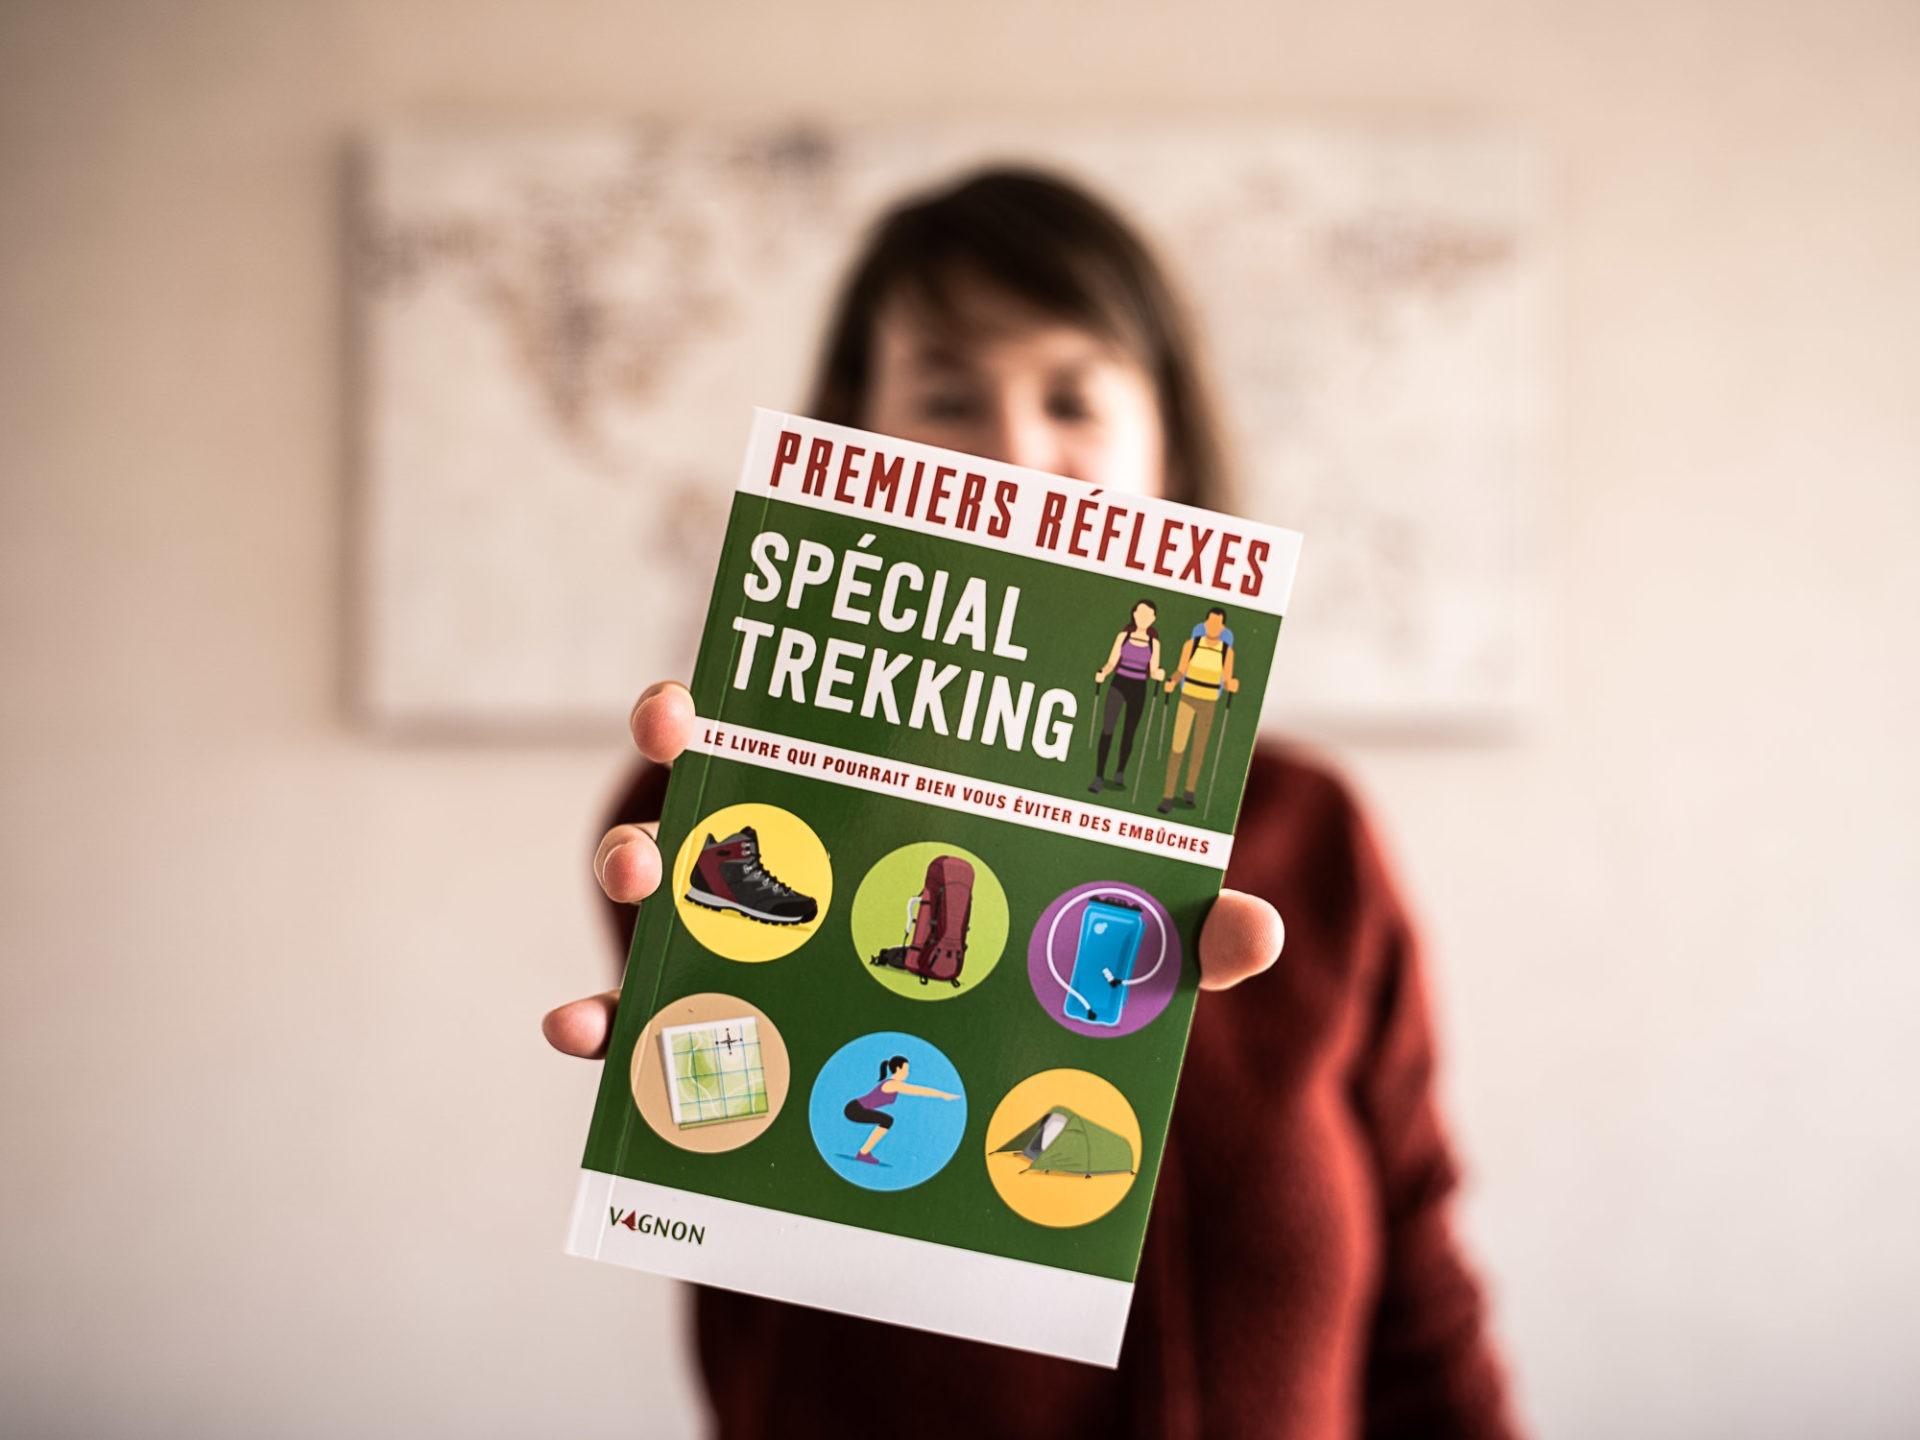 livre premiers reflexes trekking vagnon geonautrices 4 - Les globe blogueurs - blog voyage nature